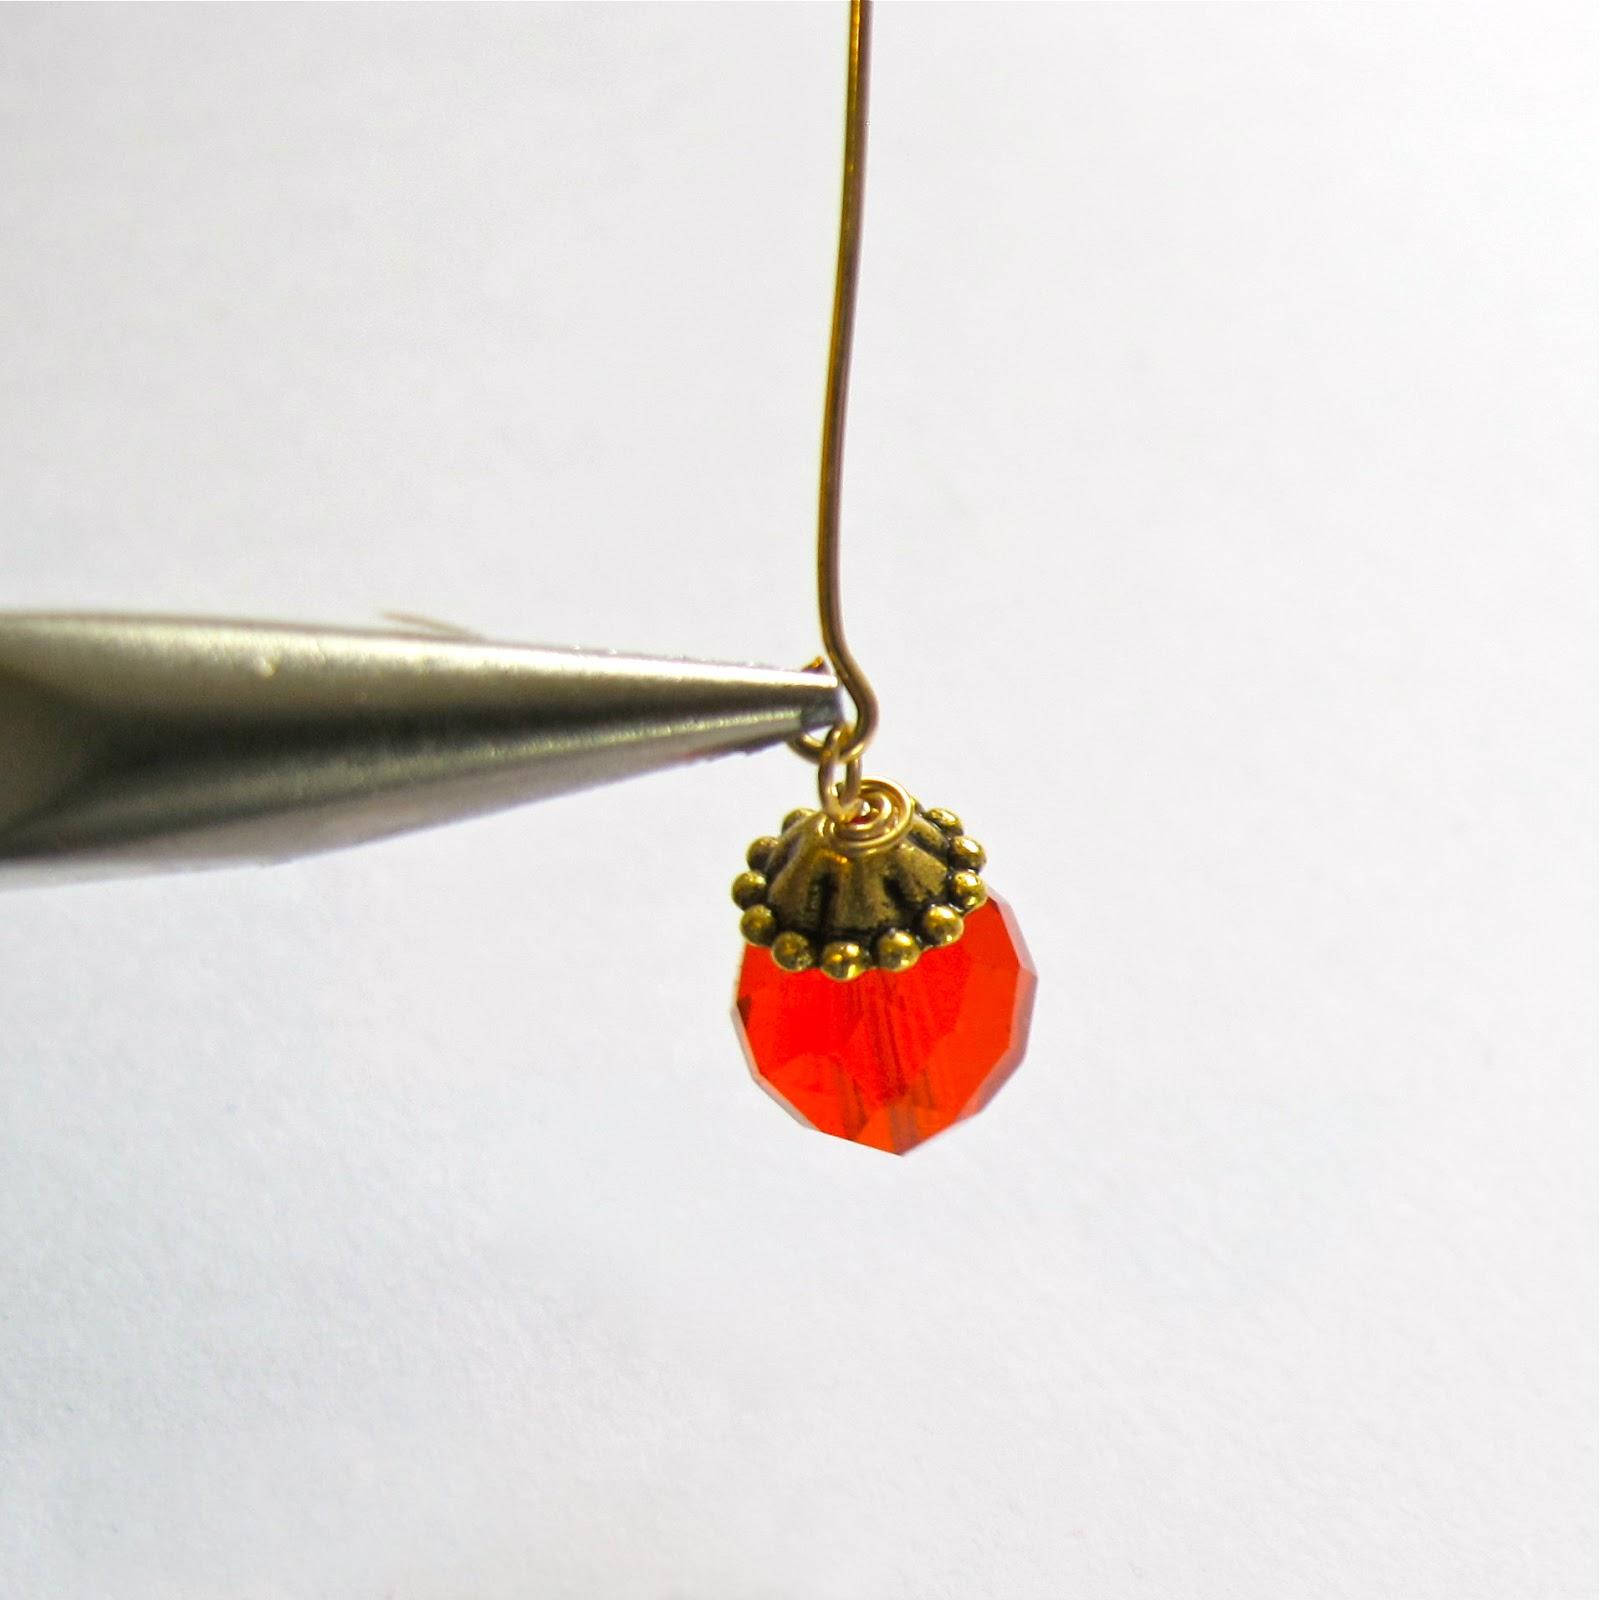 DIY earrings